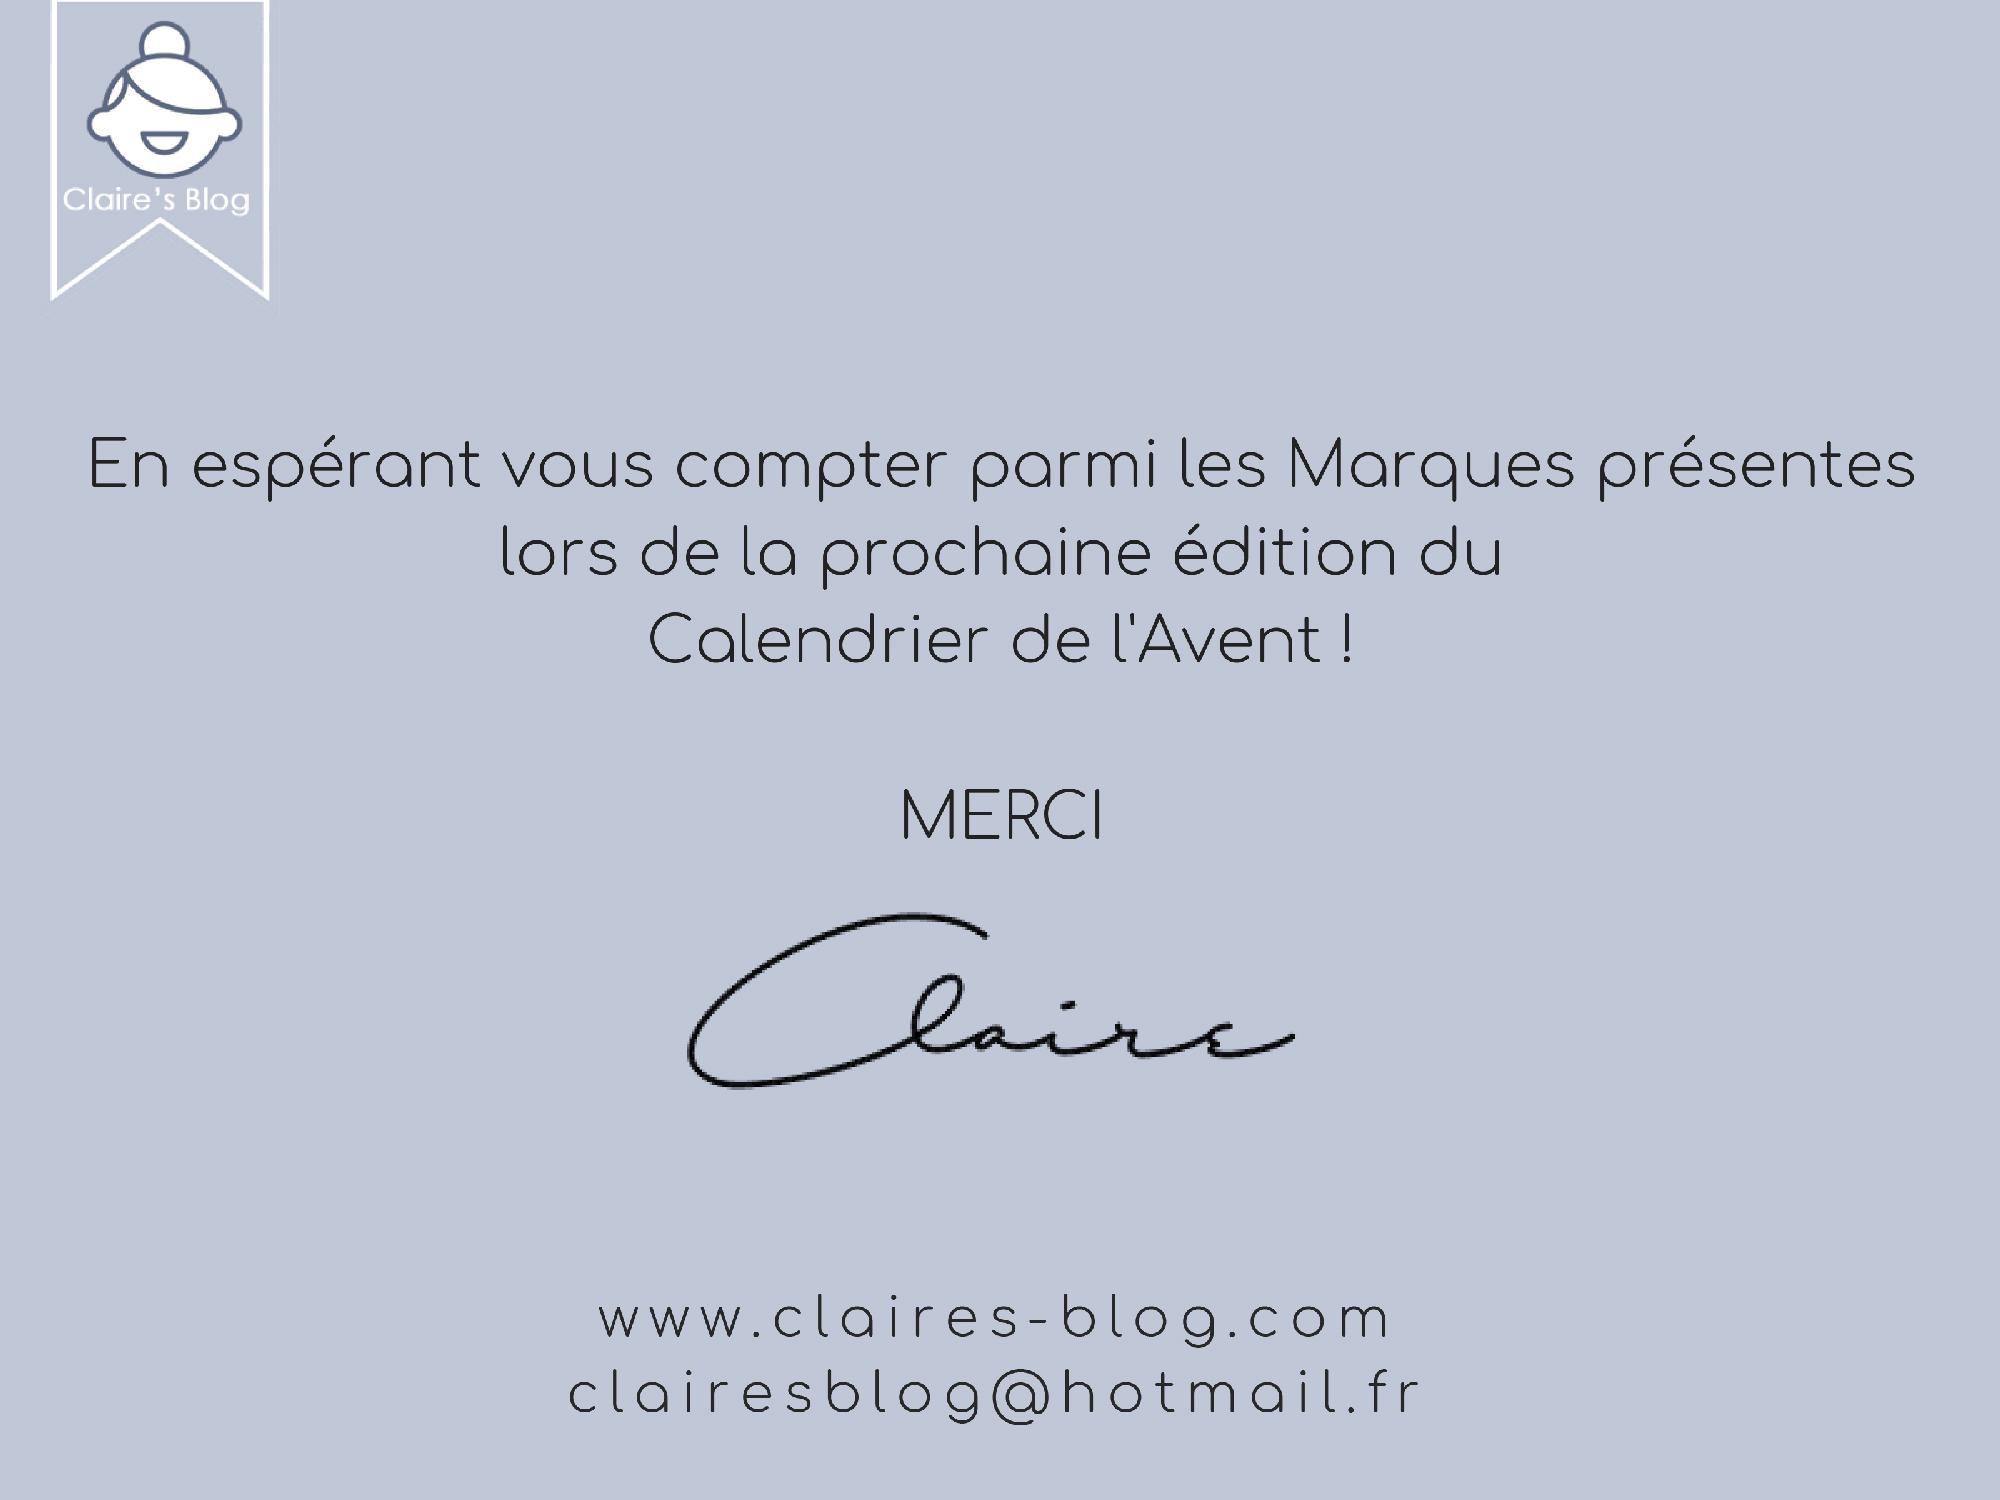 Calendrier de l'Avent Instagram Claire's Blog